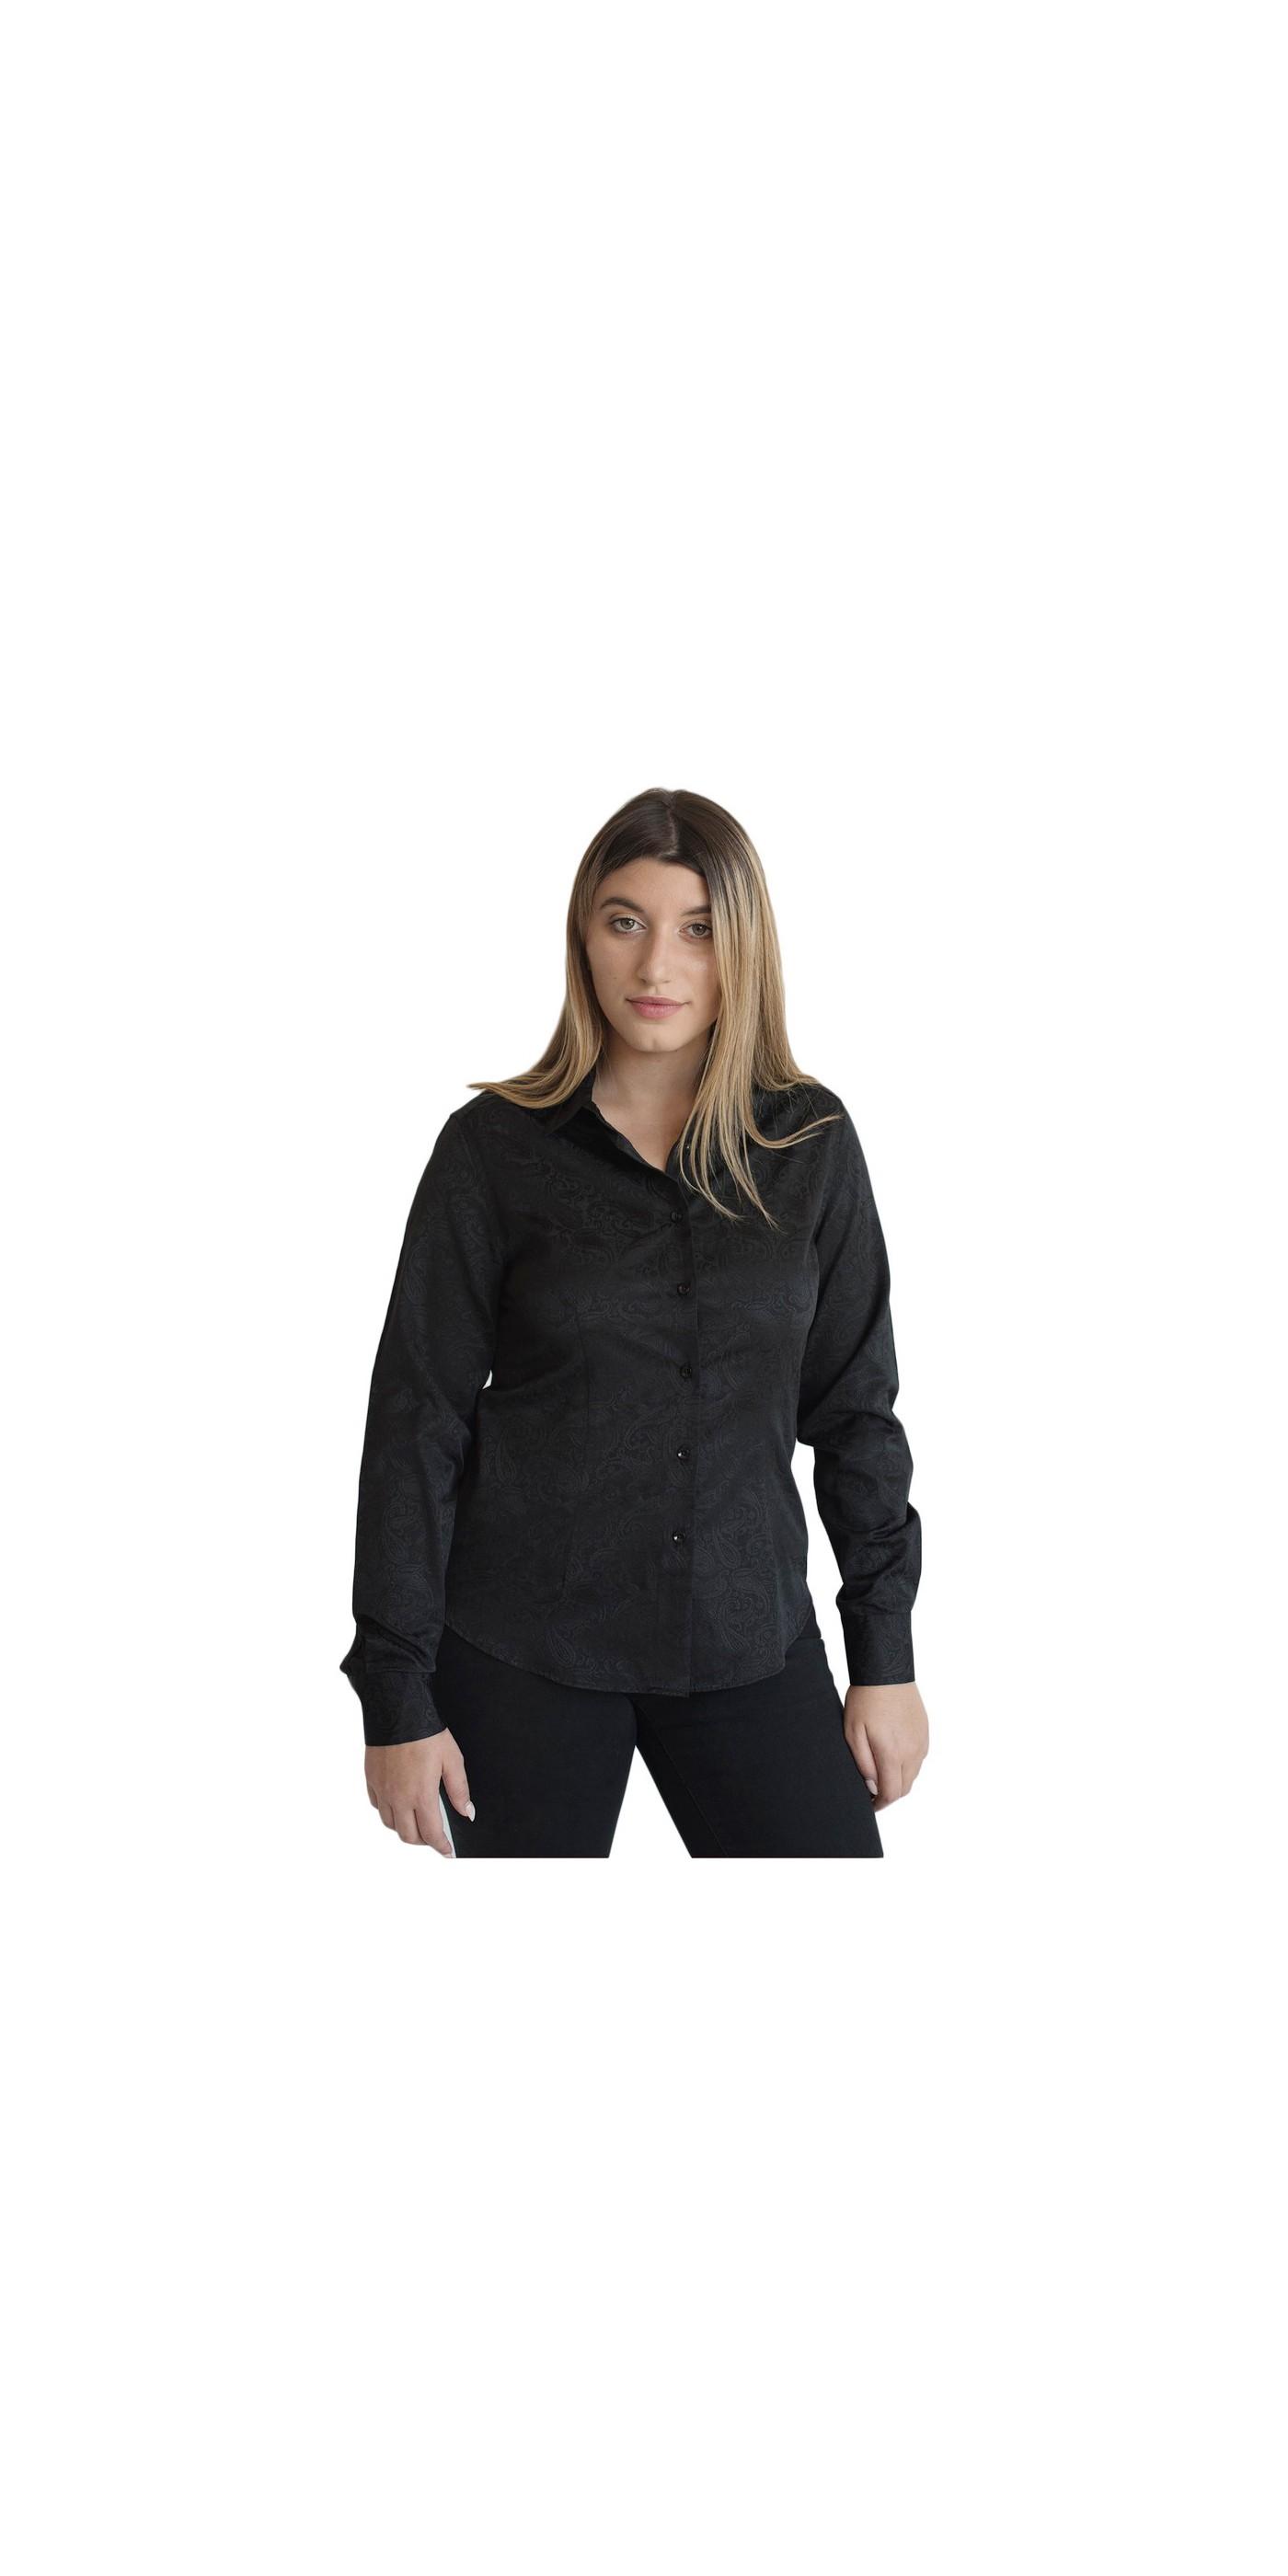 Γυναικείο Πουκάμισο Μαύρο με Ανάγλυφο Σέδιο στο Ύφασμα 80% COTT 20% POL -  LOUISA. Loading zoom 10f31e7539a